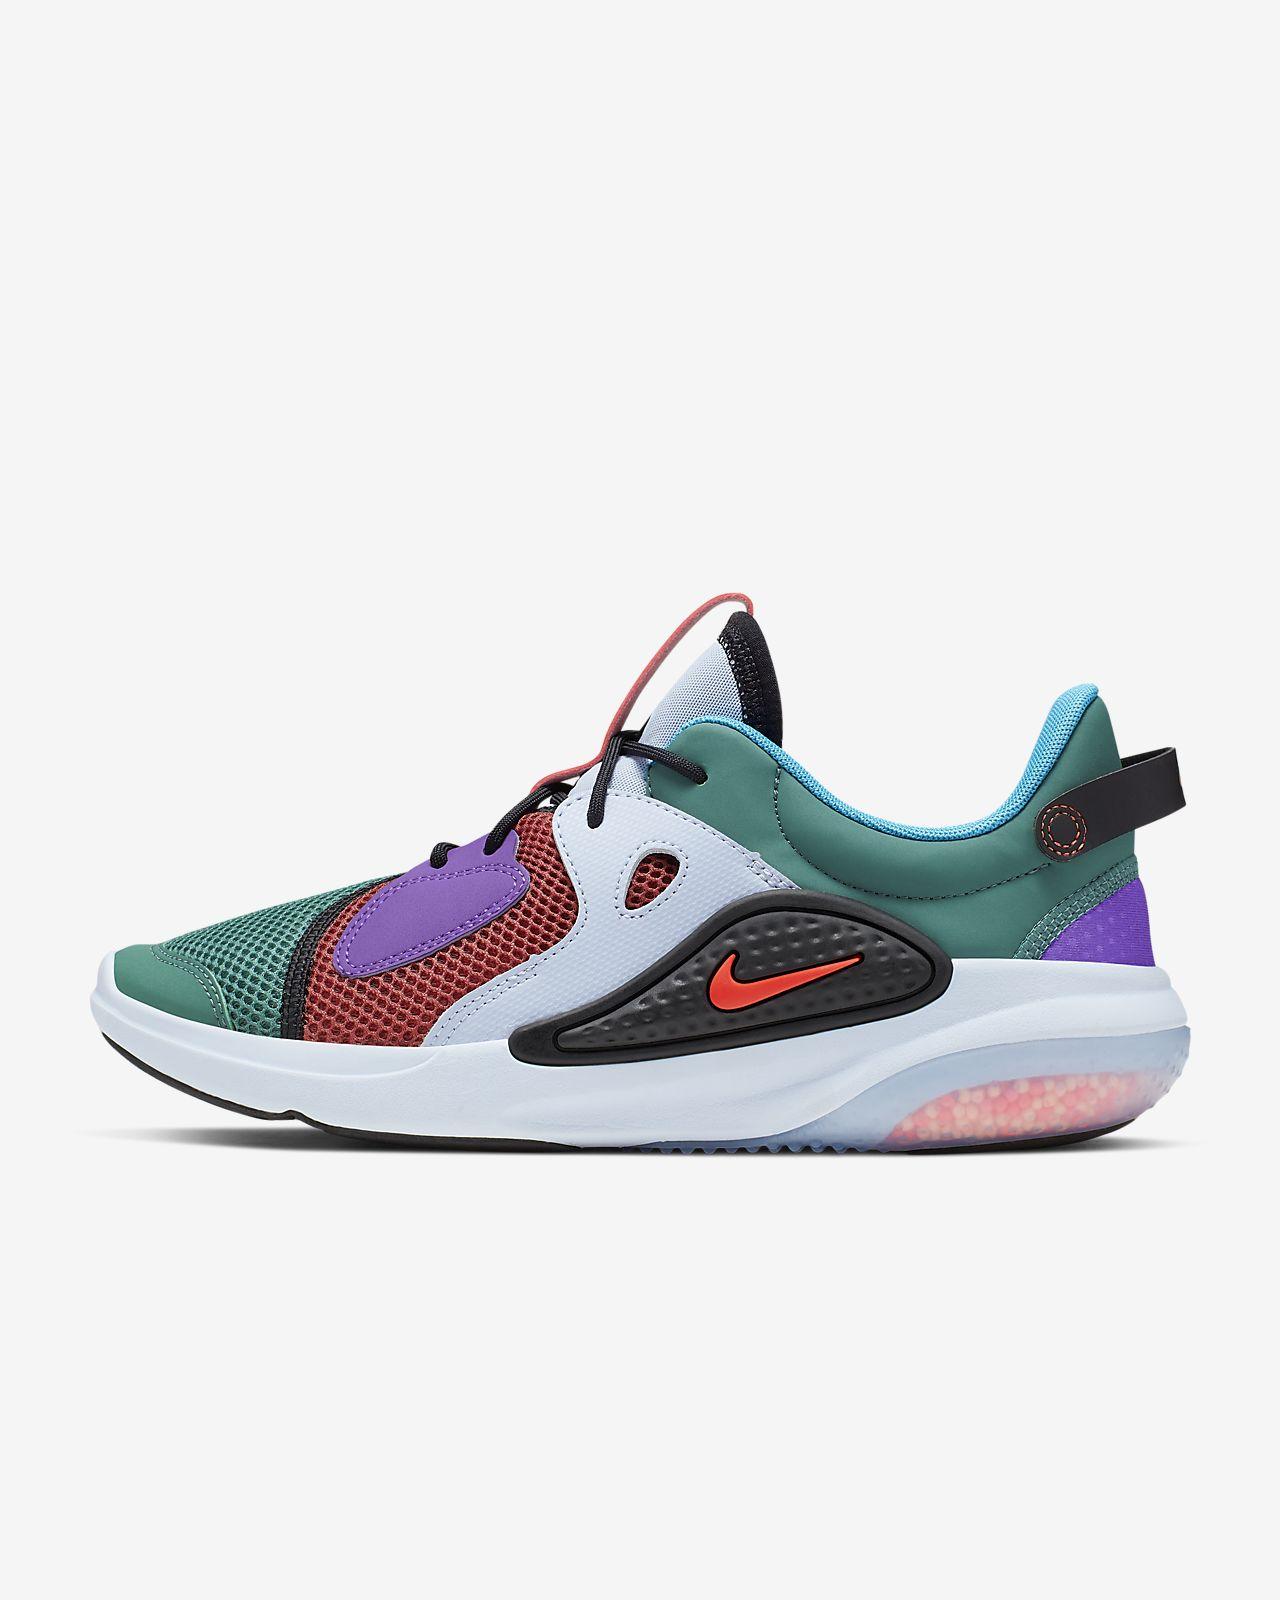 Nike Joyride Cc Men S Shoe Nike Gb